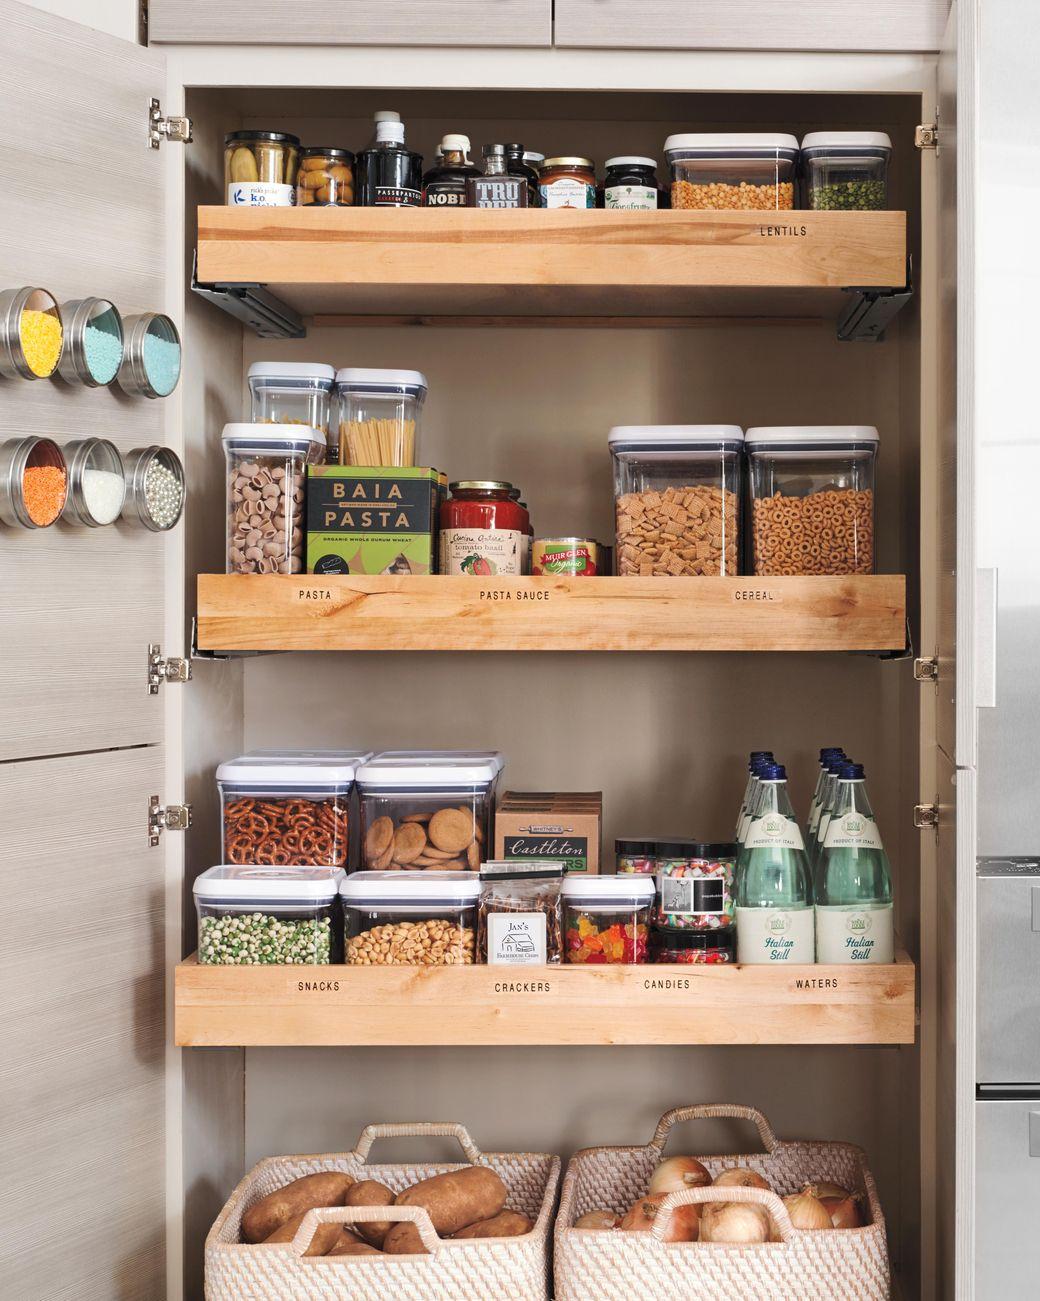 Wonderful Apartment Kitchen Storage Ideas Part - 5: Small Kitchen Storage Ideas For A More Efficient Space